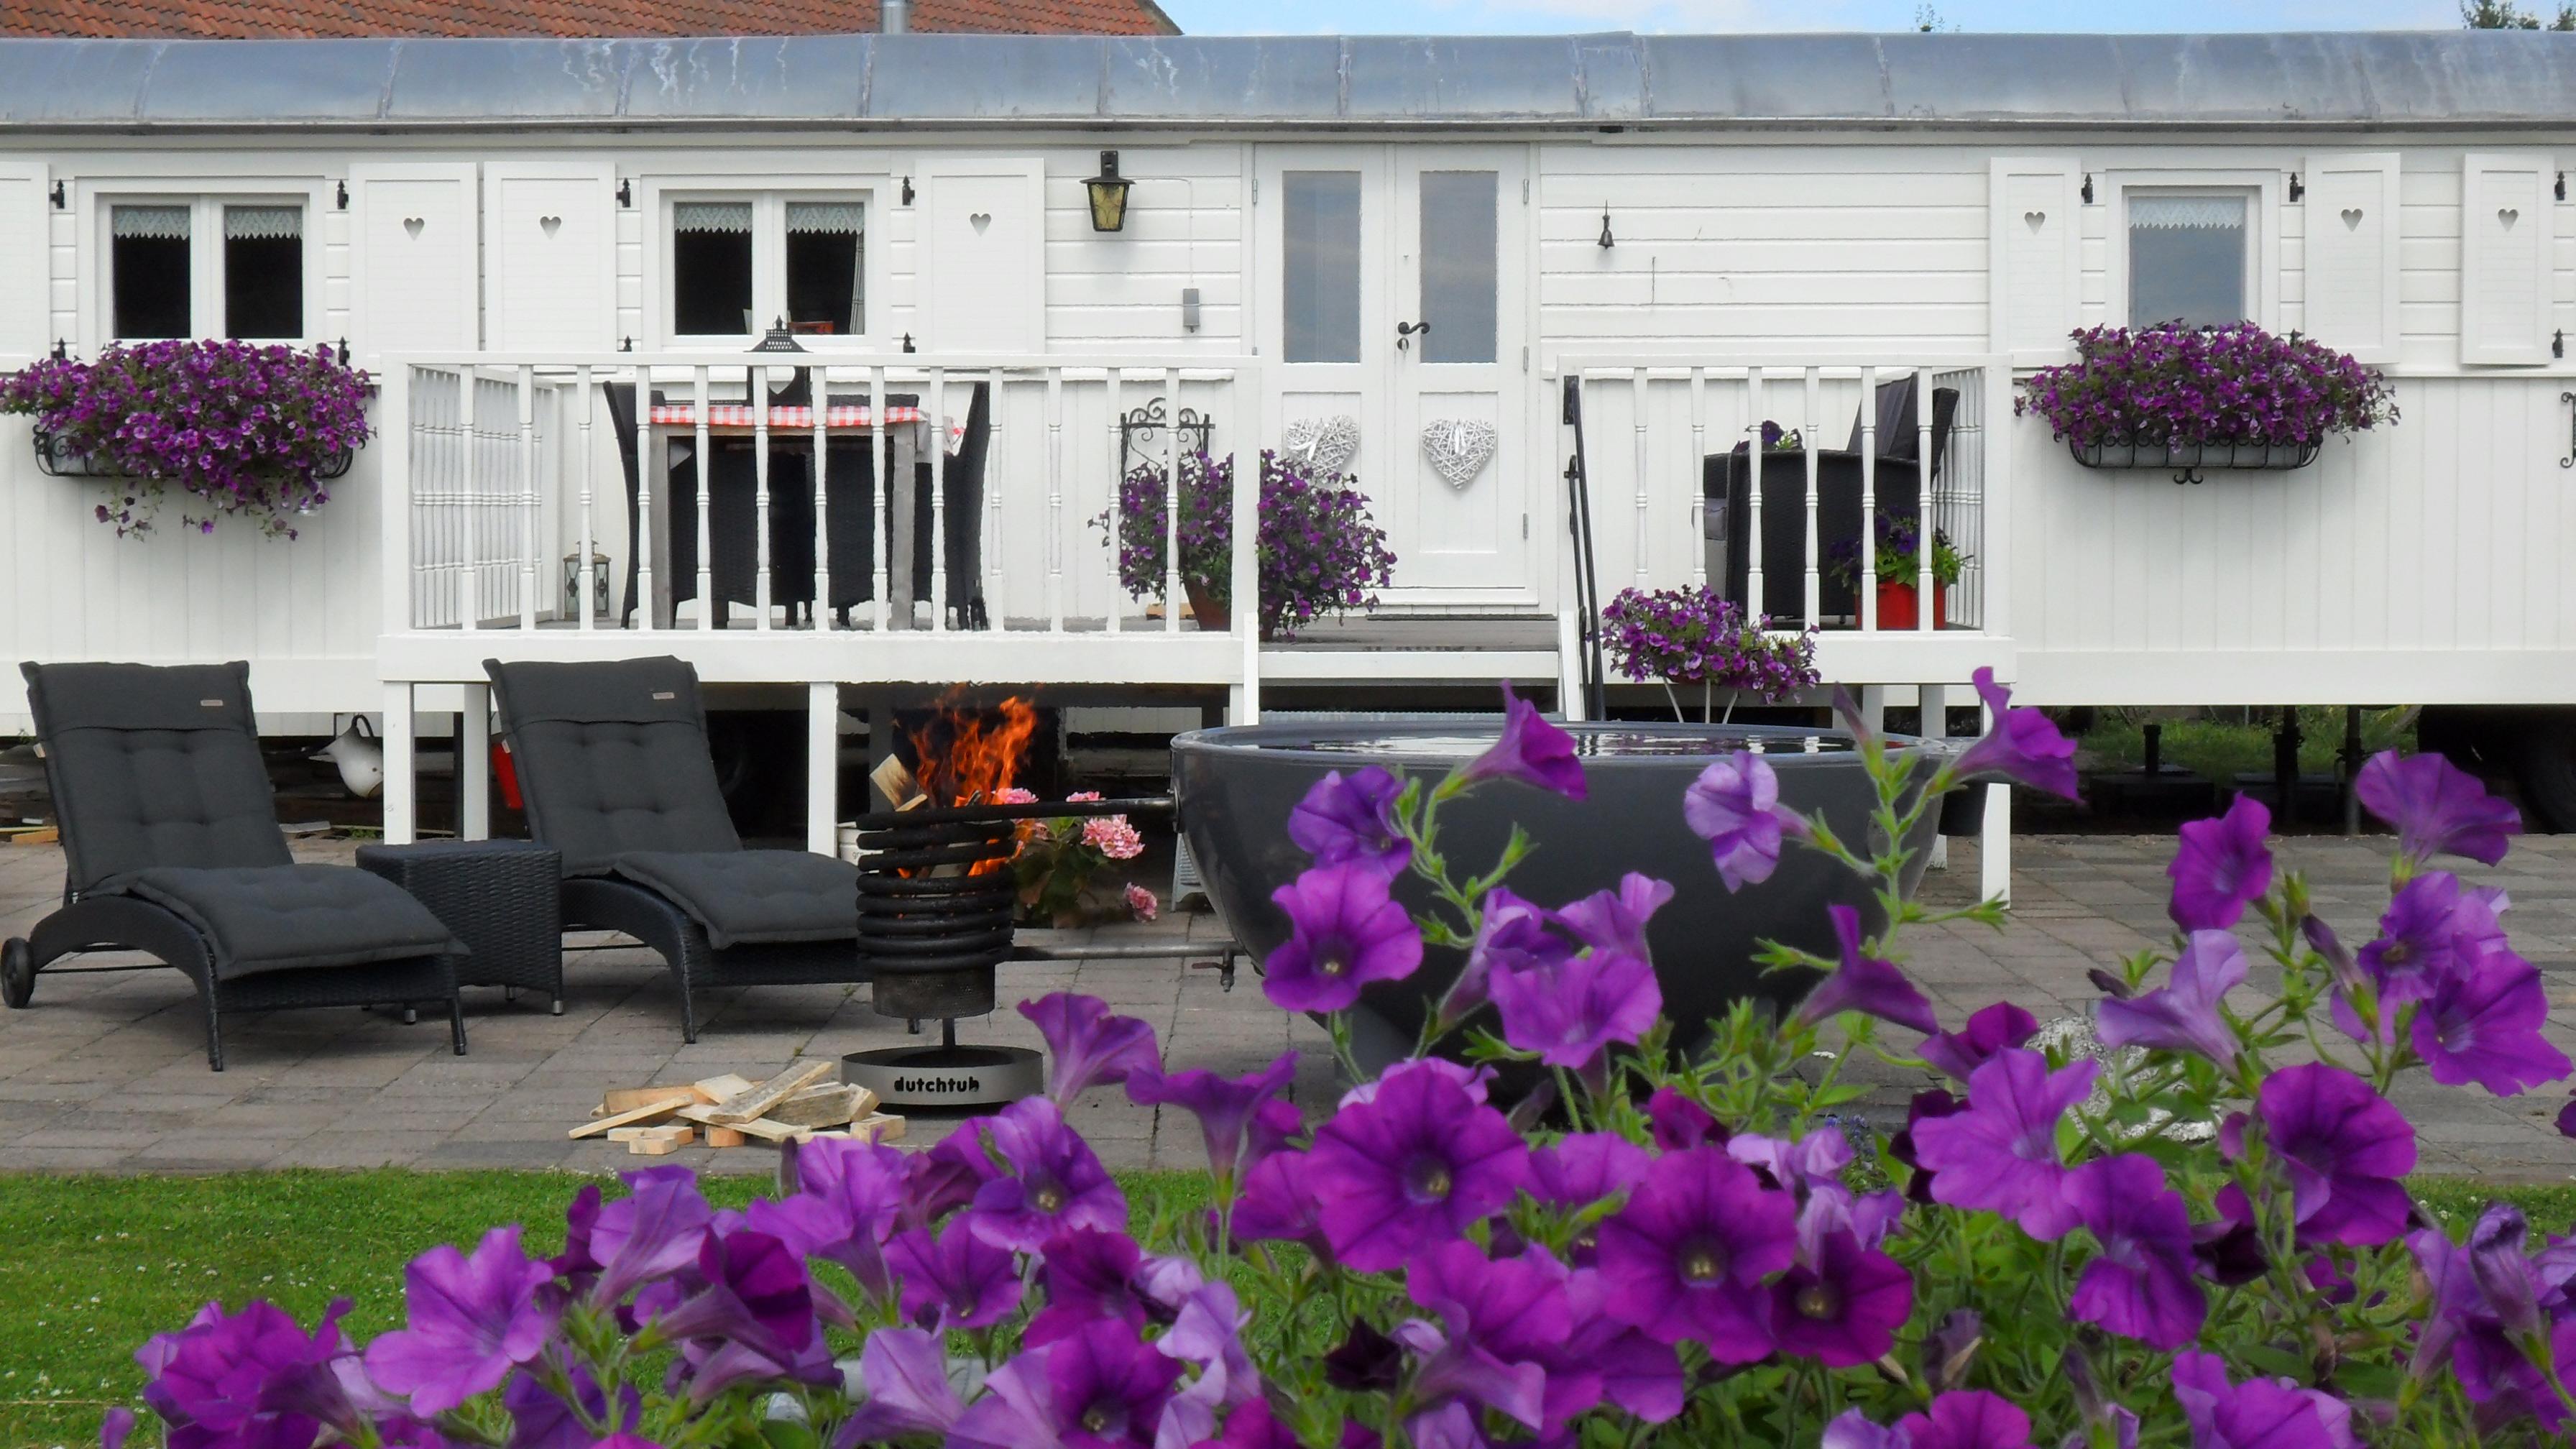 pipowagen vakantie luxe